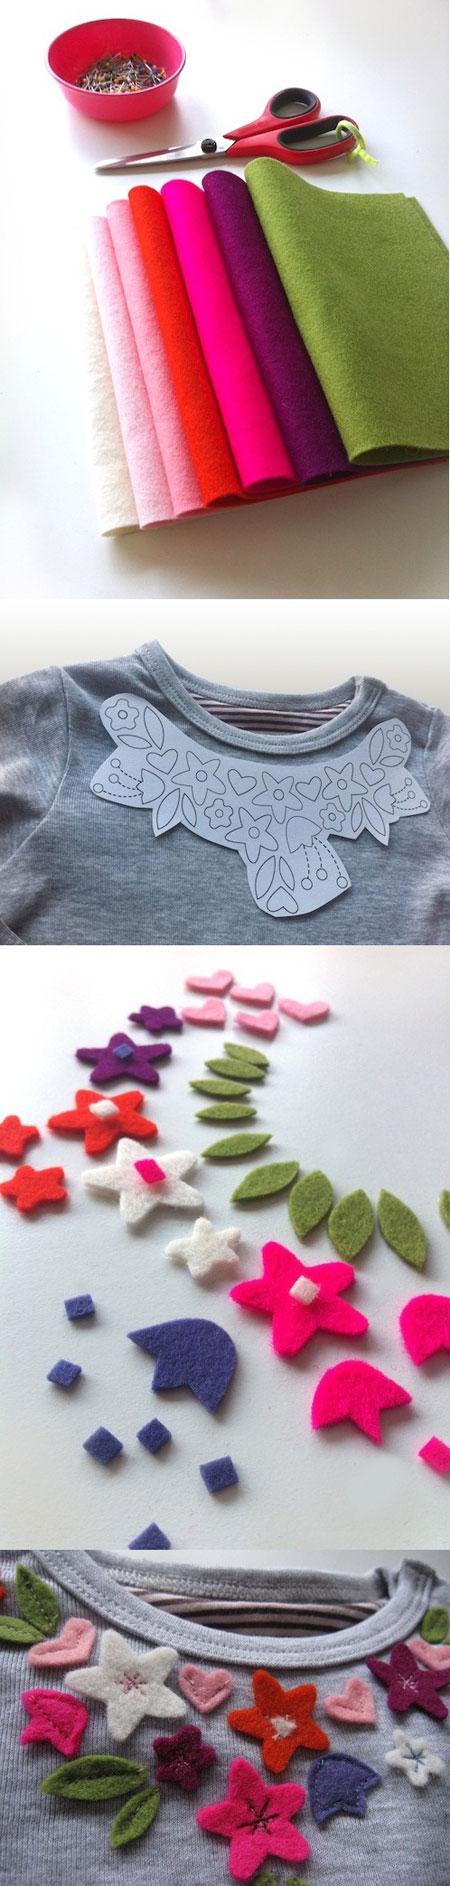 تزئین بلوز ساده با گلهای نمدی (فوتری)